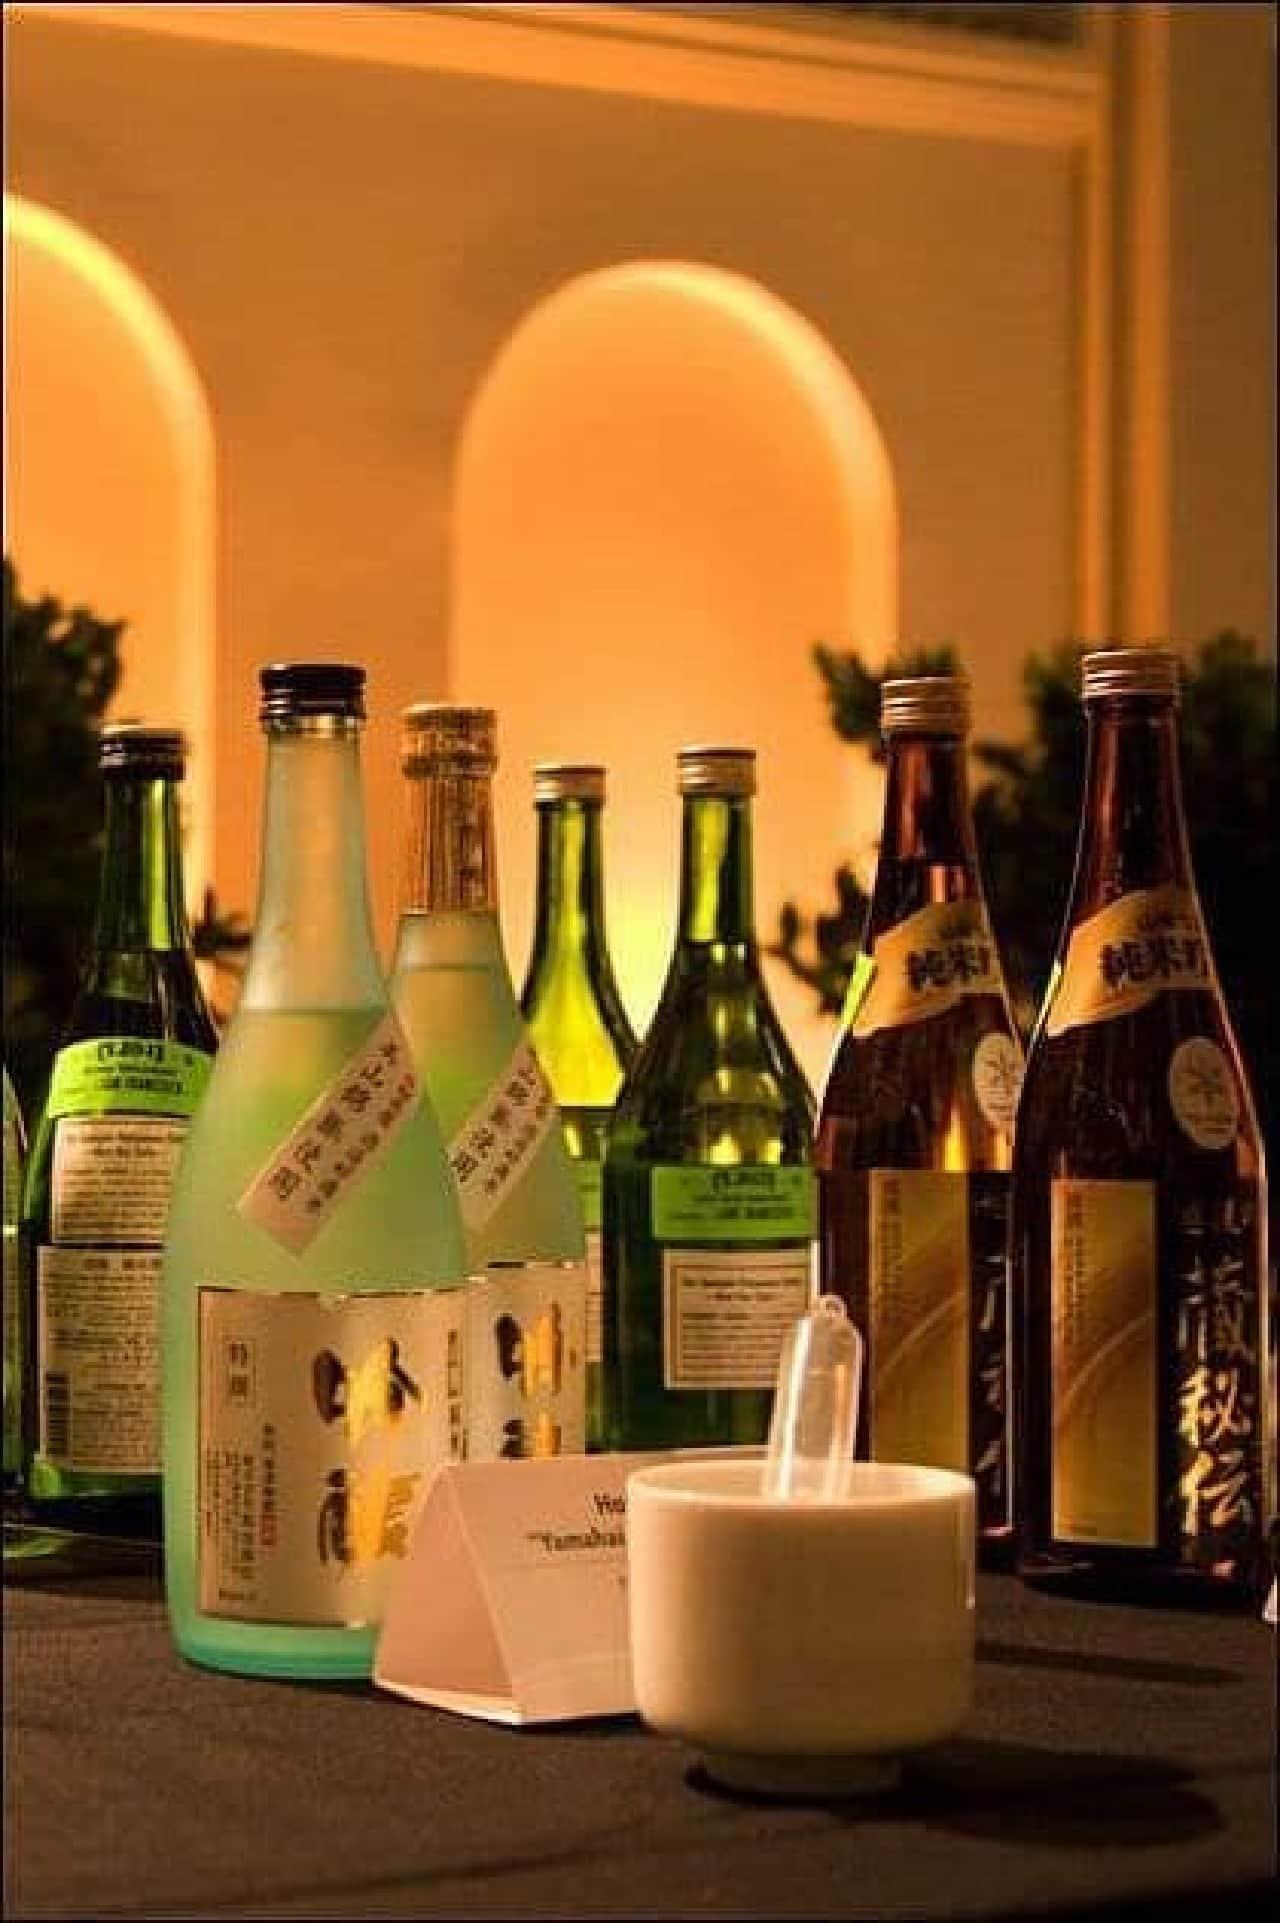 300種以上の日本酒を楽しむことができる